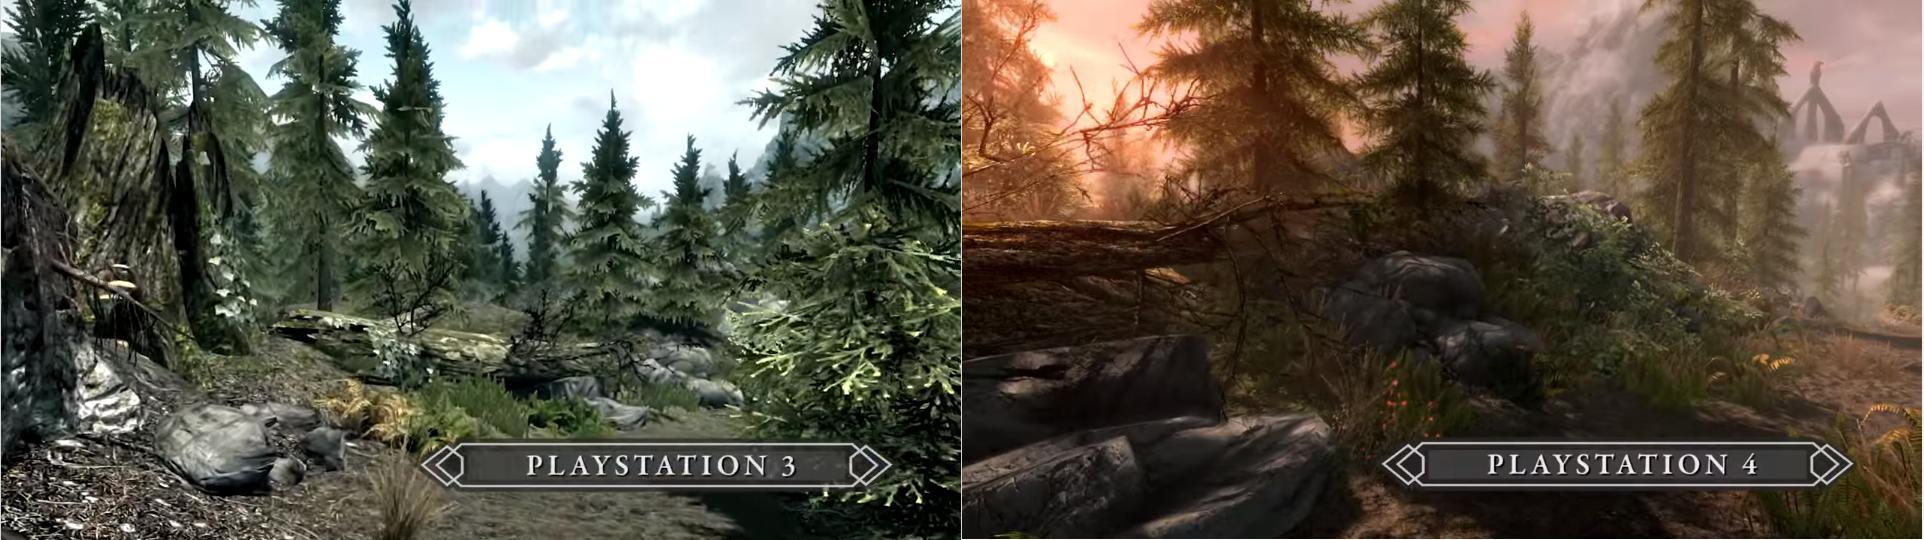 Comparação de gráficos entre o Playstation 3 e o Playstation 4